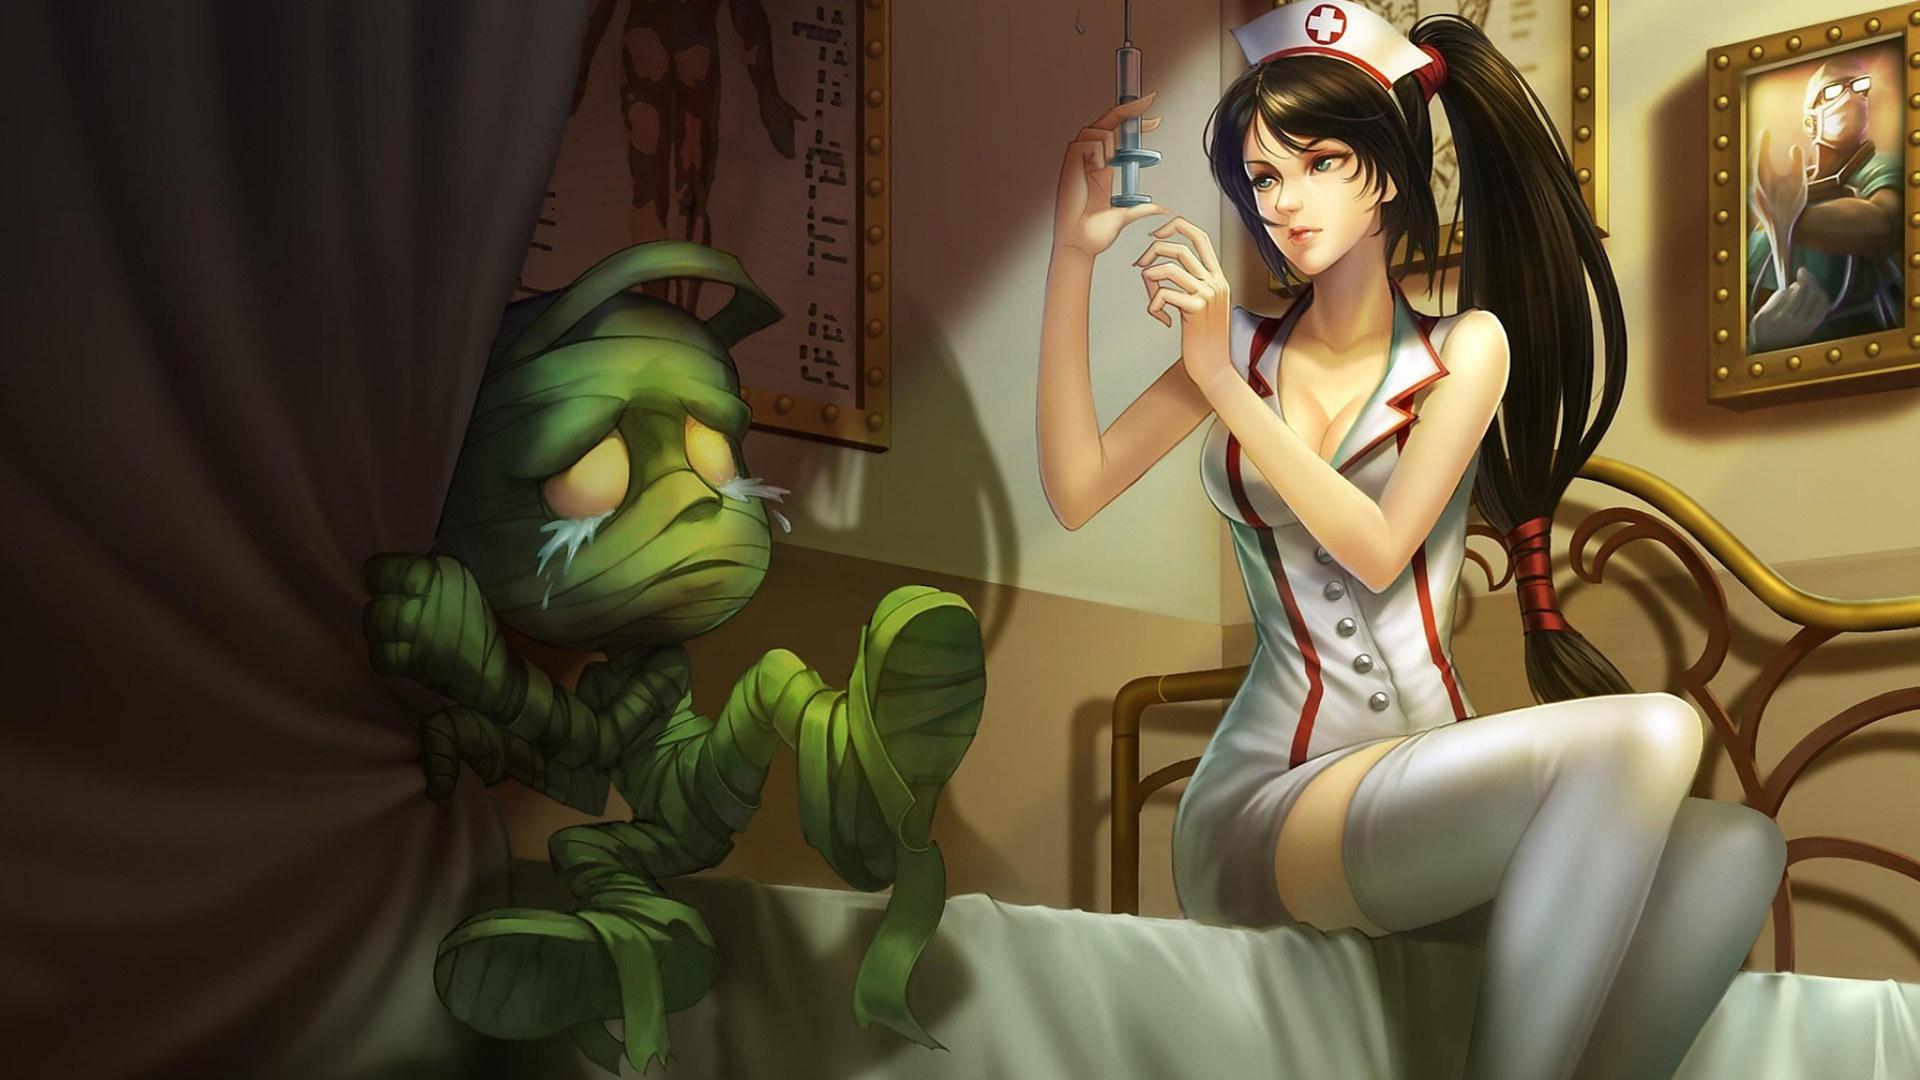 游戏壁纸,英雄联盟,LOL,僵尸,护士